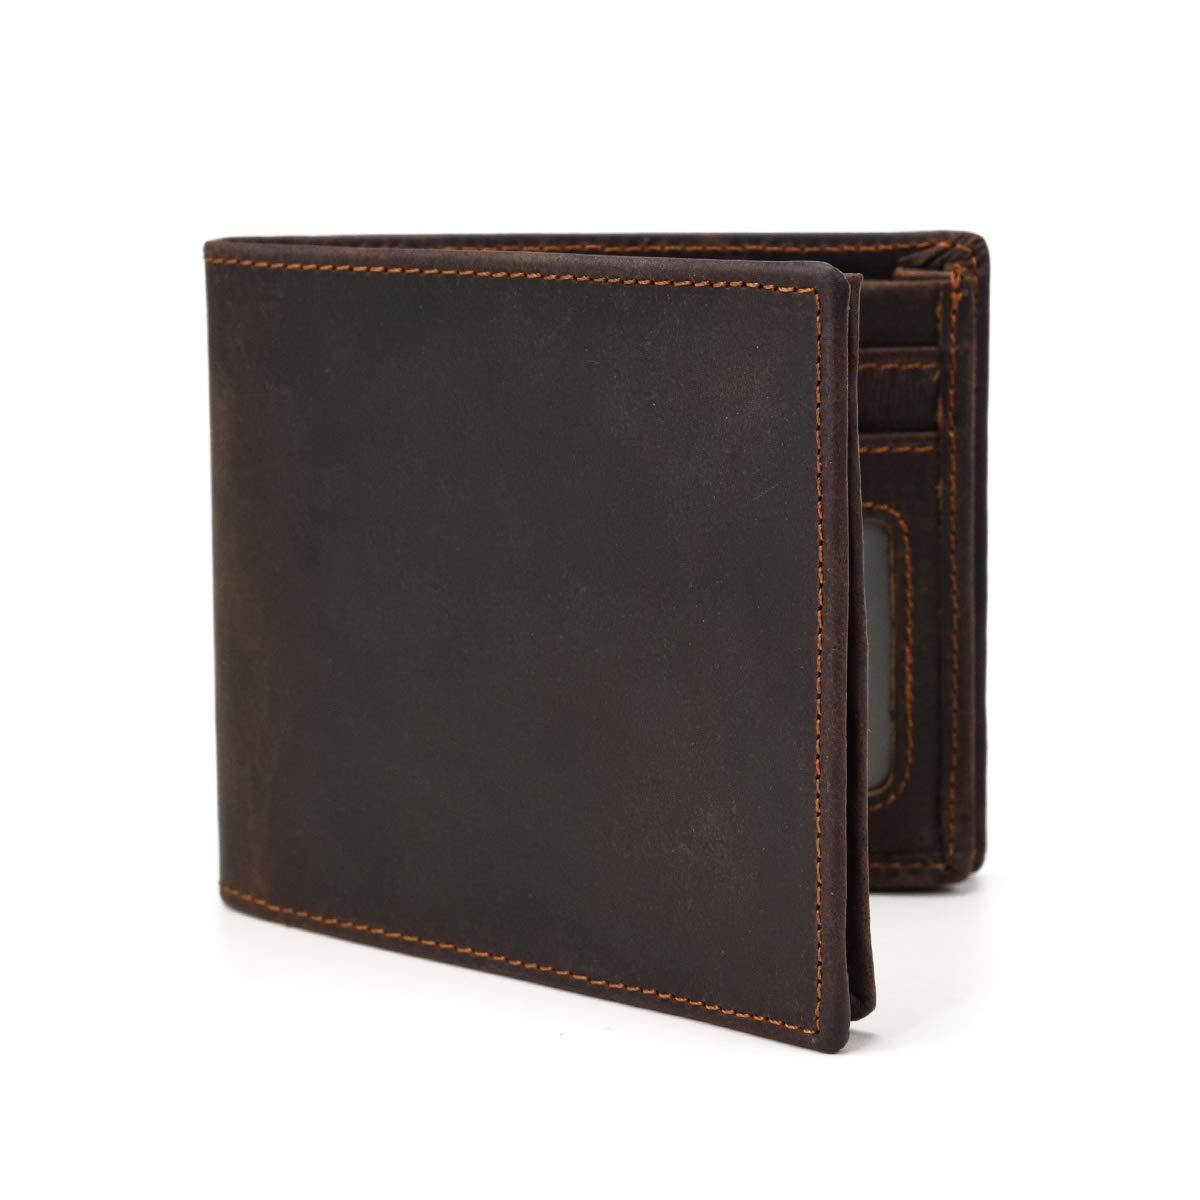 Bolso de Cuero de Vaca de la Billetera de Bolsillo de la Moneda de la Cremallera de la Cartera de Bifold del Cuero Genuino de los Hombres (Dark Brown): ...